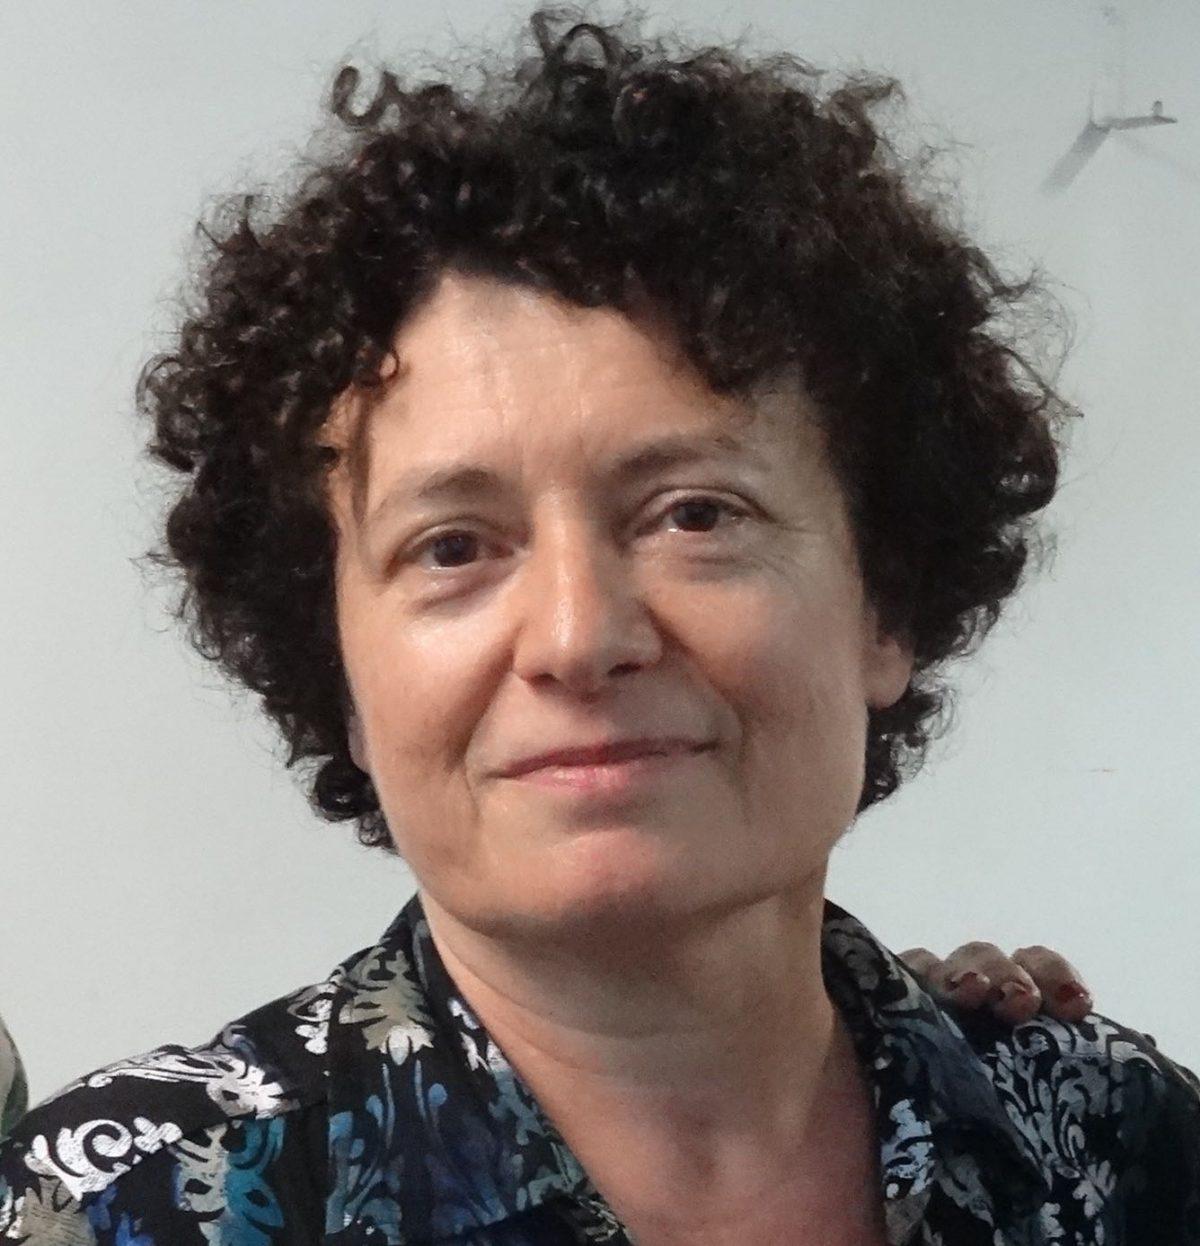 Enders é professora titular de História Contemporânea da Universidade Paris 8.  Foto: Arquivo pessoal